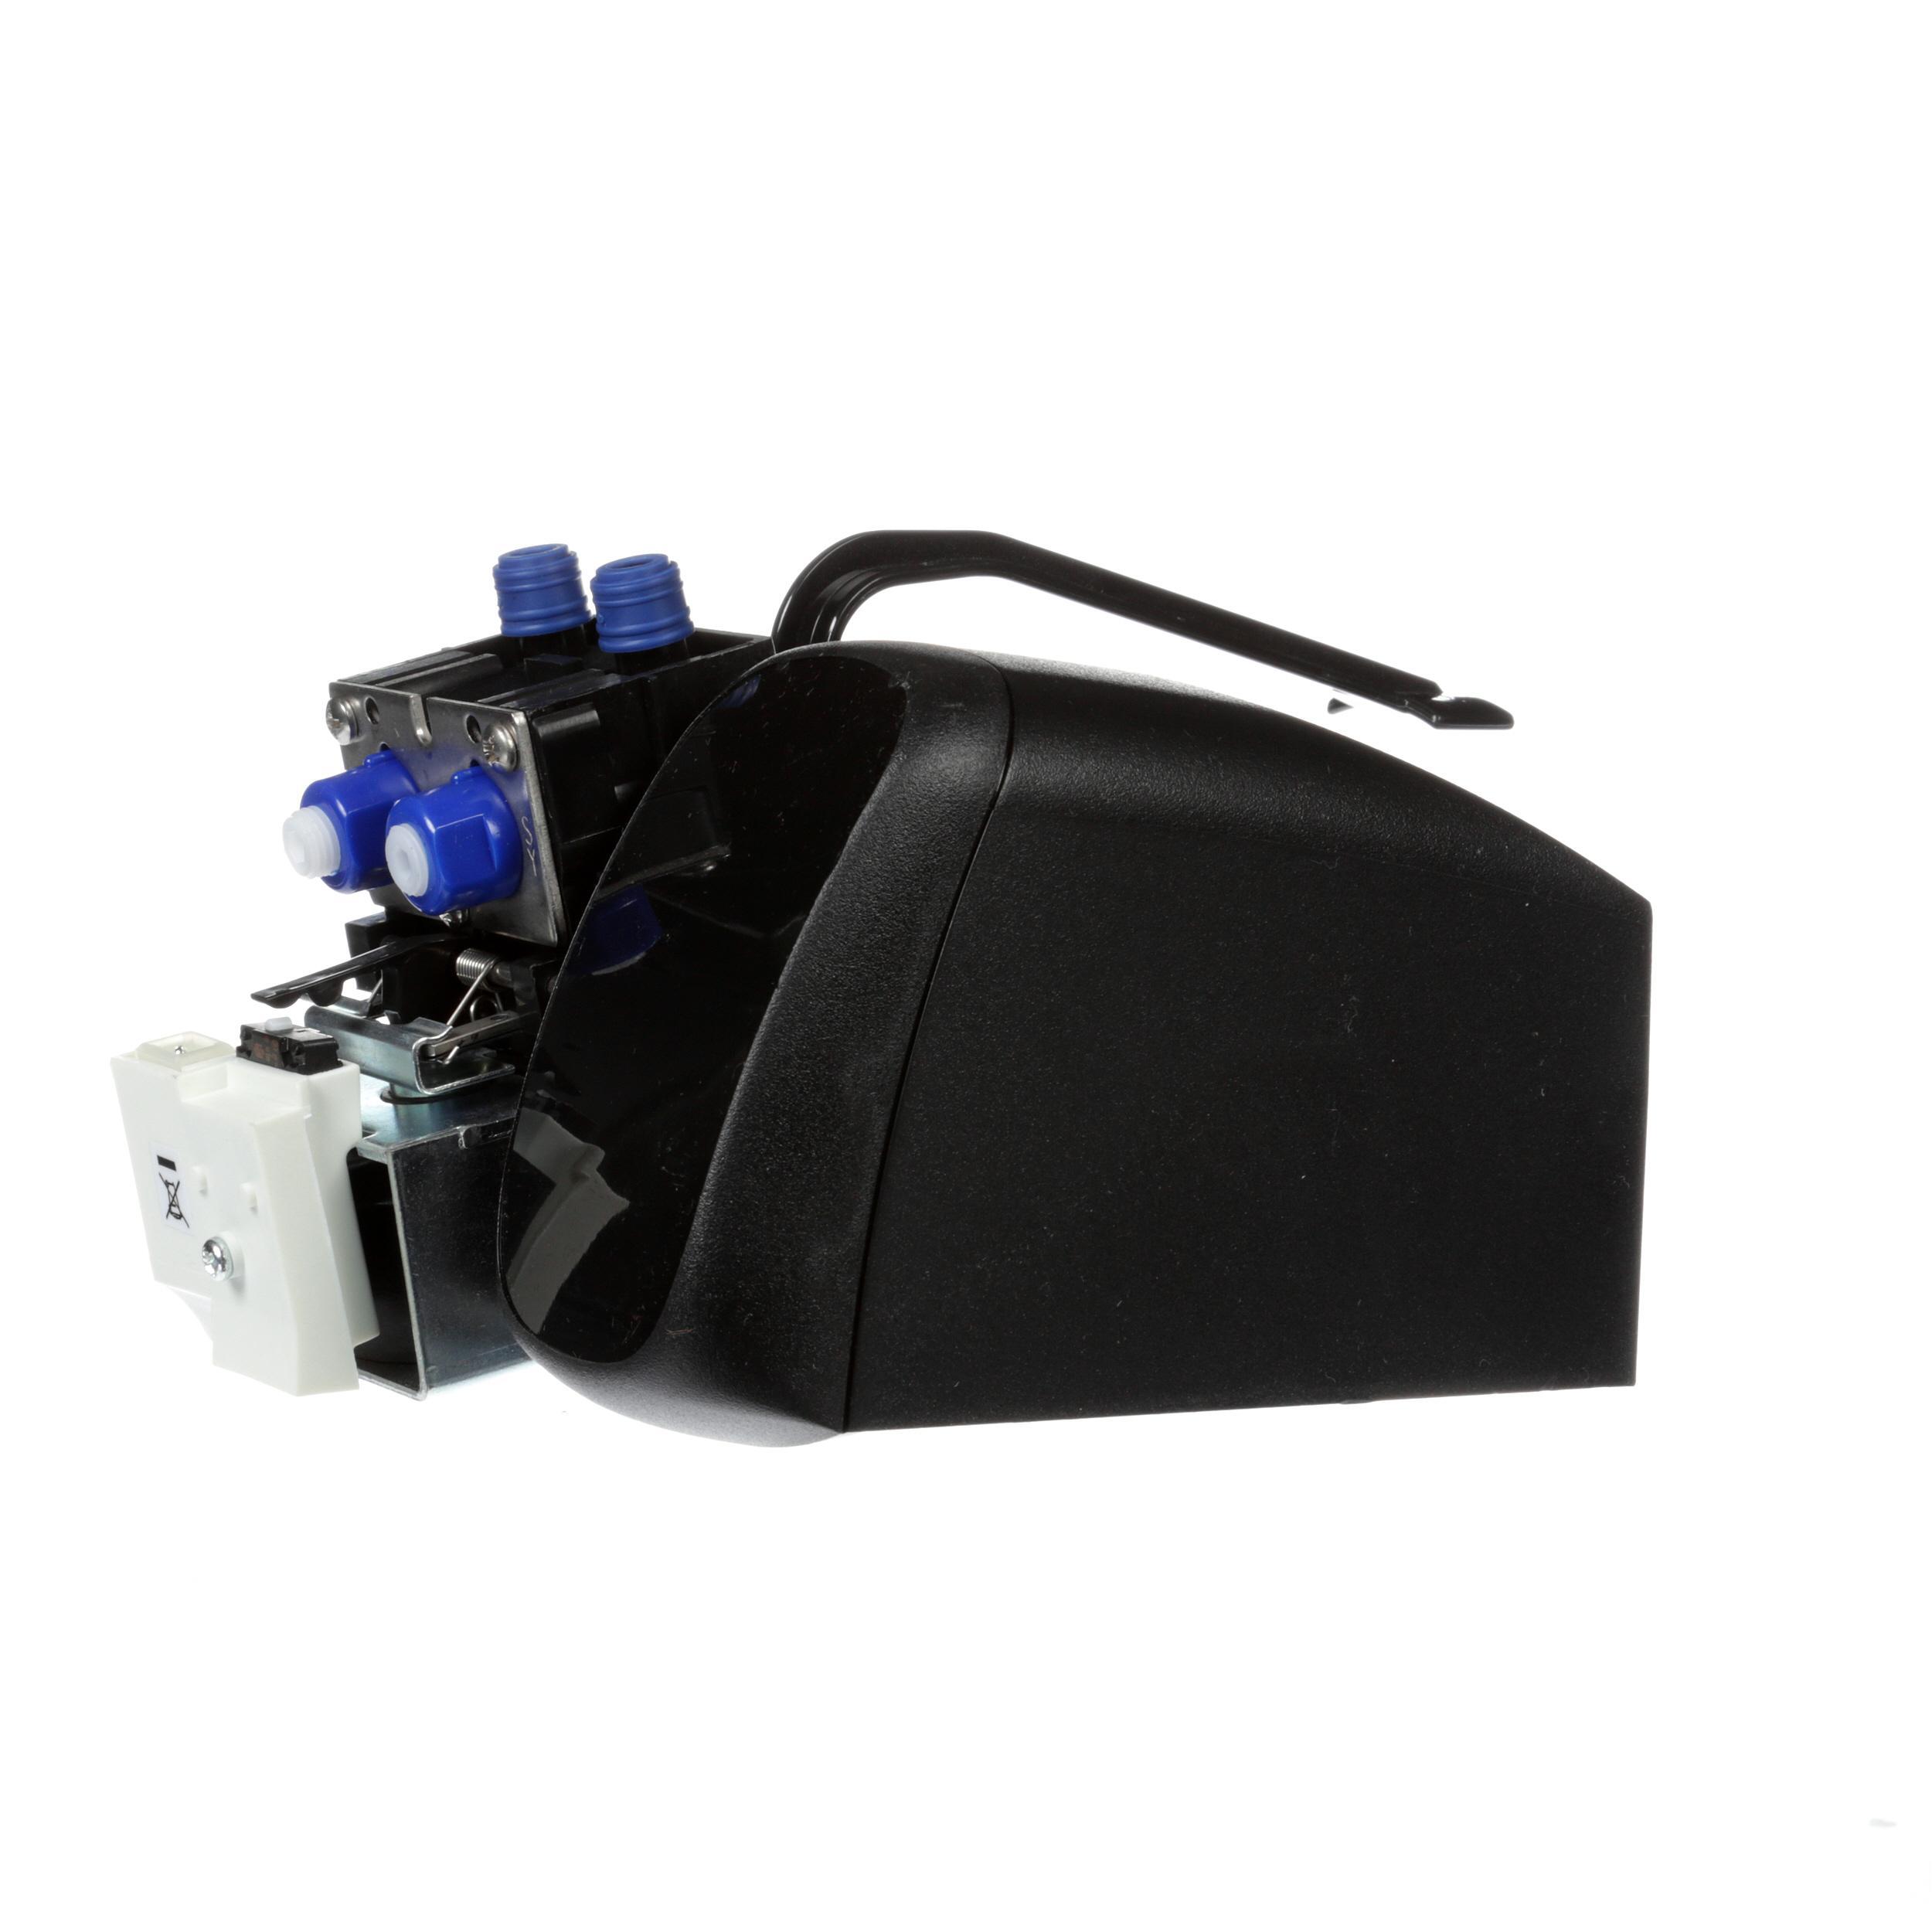 Flomatic Fountain Head Part 464 Gp E36 1621 Compressor Diagram Parts List For Model Kburt3655e01 Thermadorparts